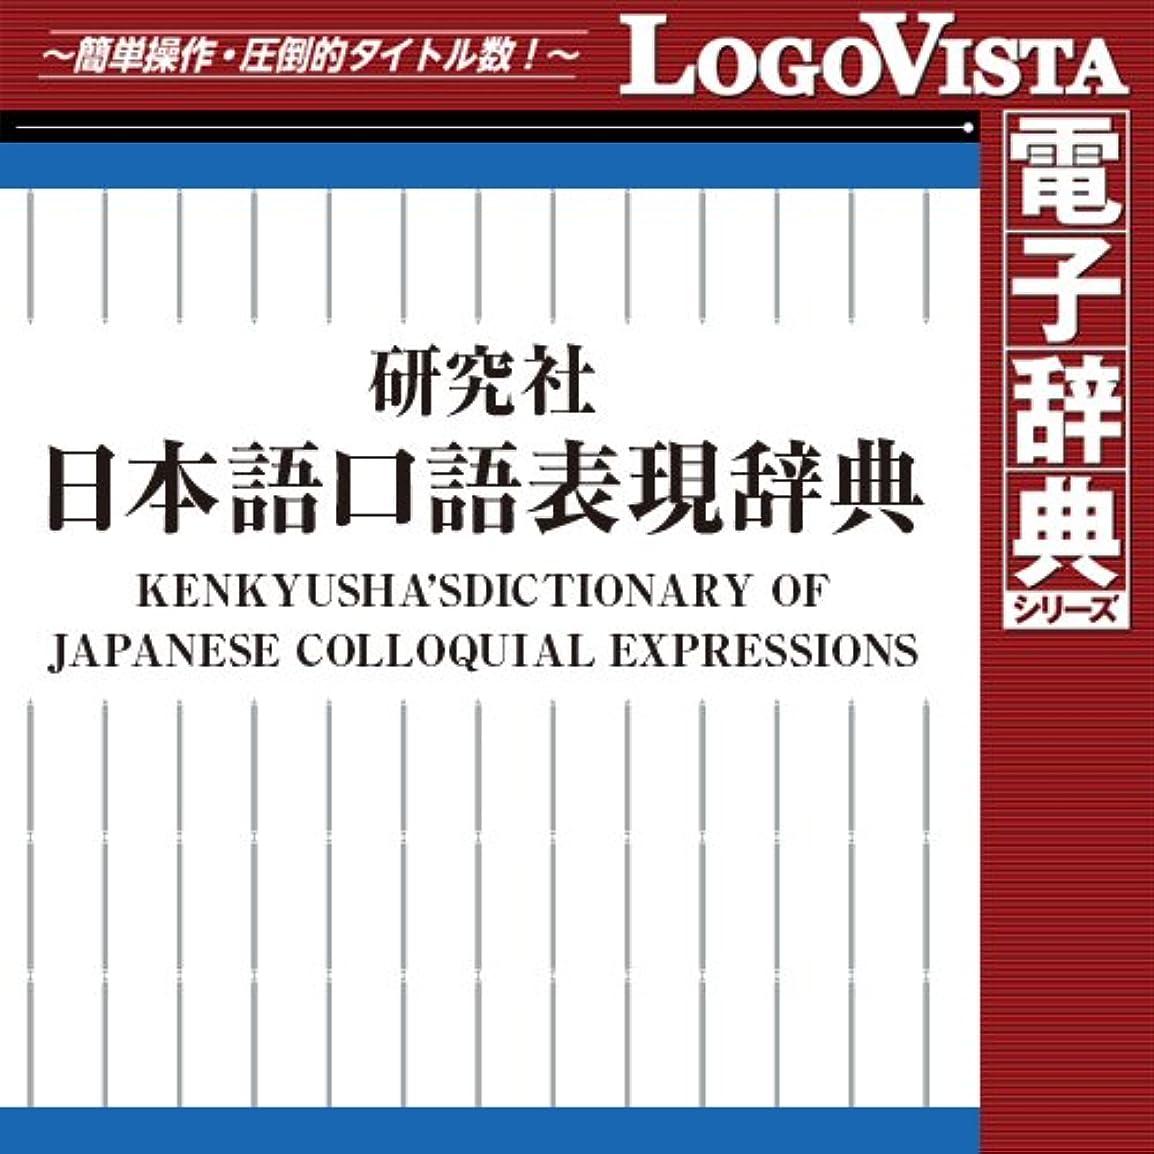 義務づけるアレキサンダーグラハムベルダイエット研究社 日本語口語表現辞典 for Mac [ダウンロード]